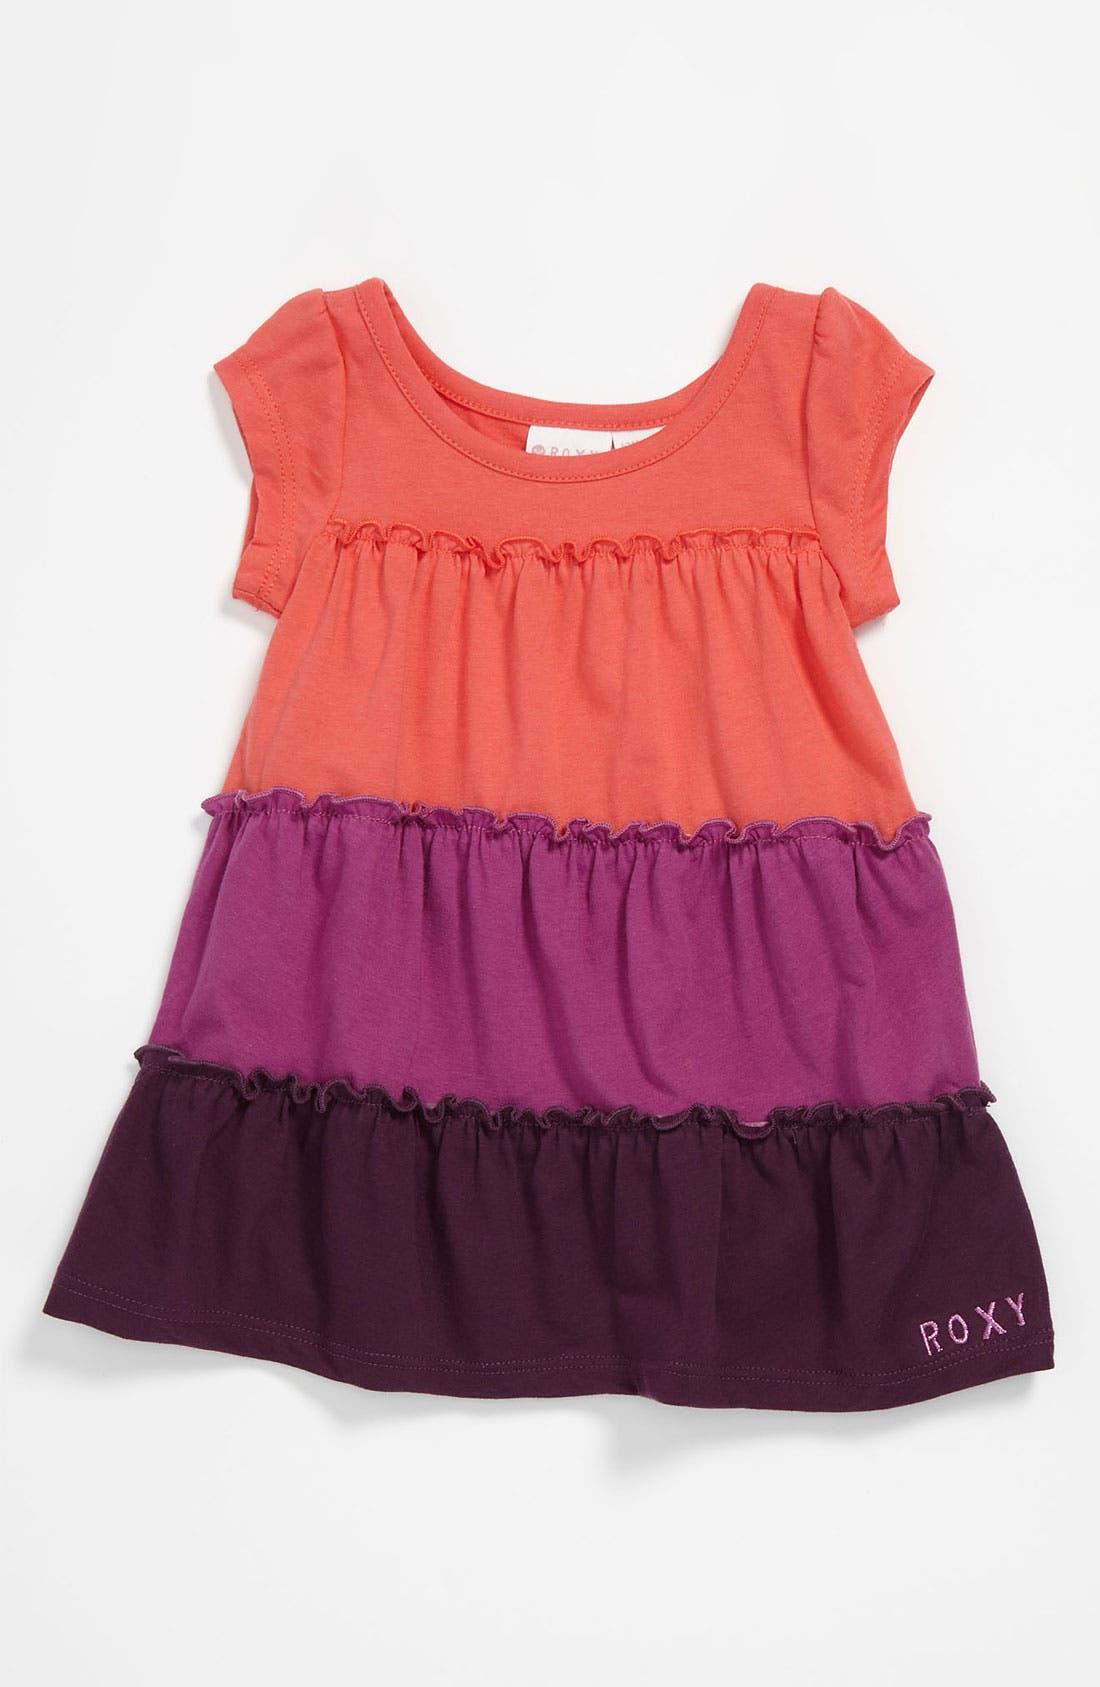 Alternate Image 1 Selected - 'Cider' Colorblock Dress (Toddler)